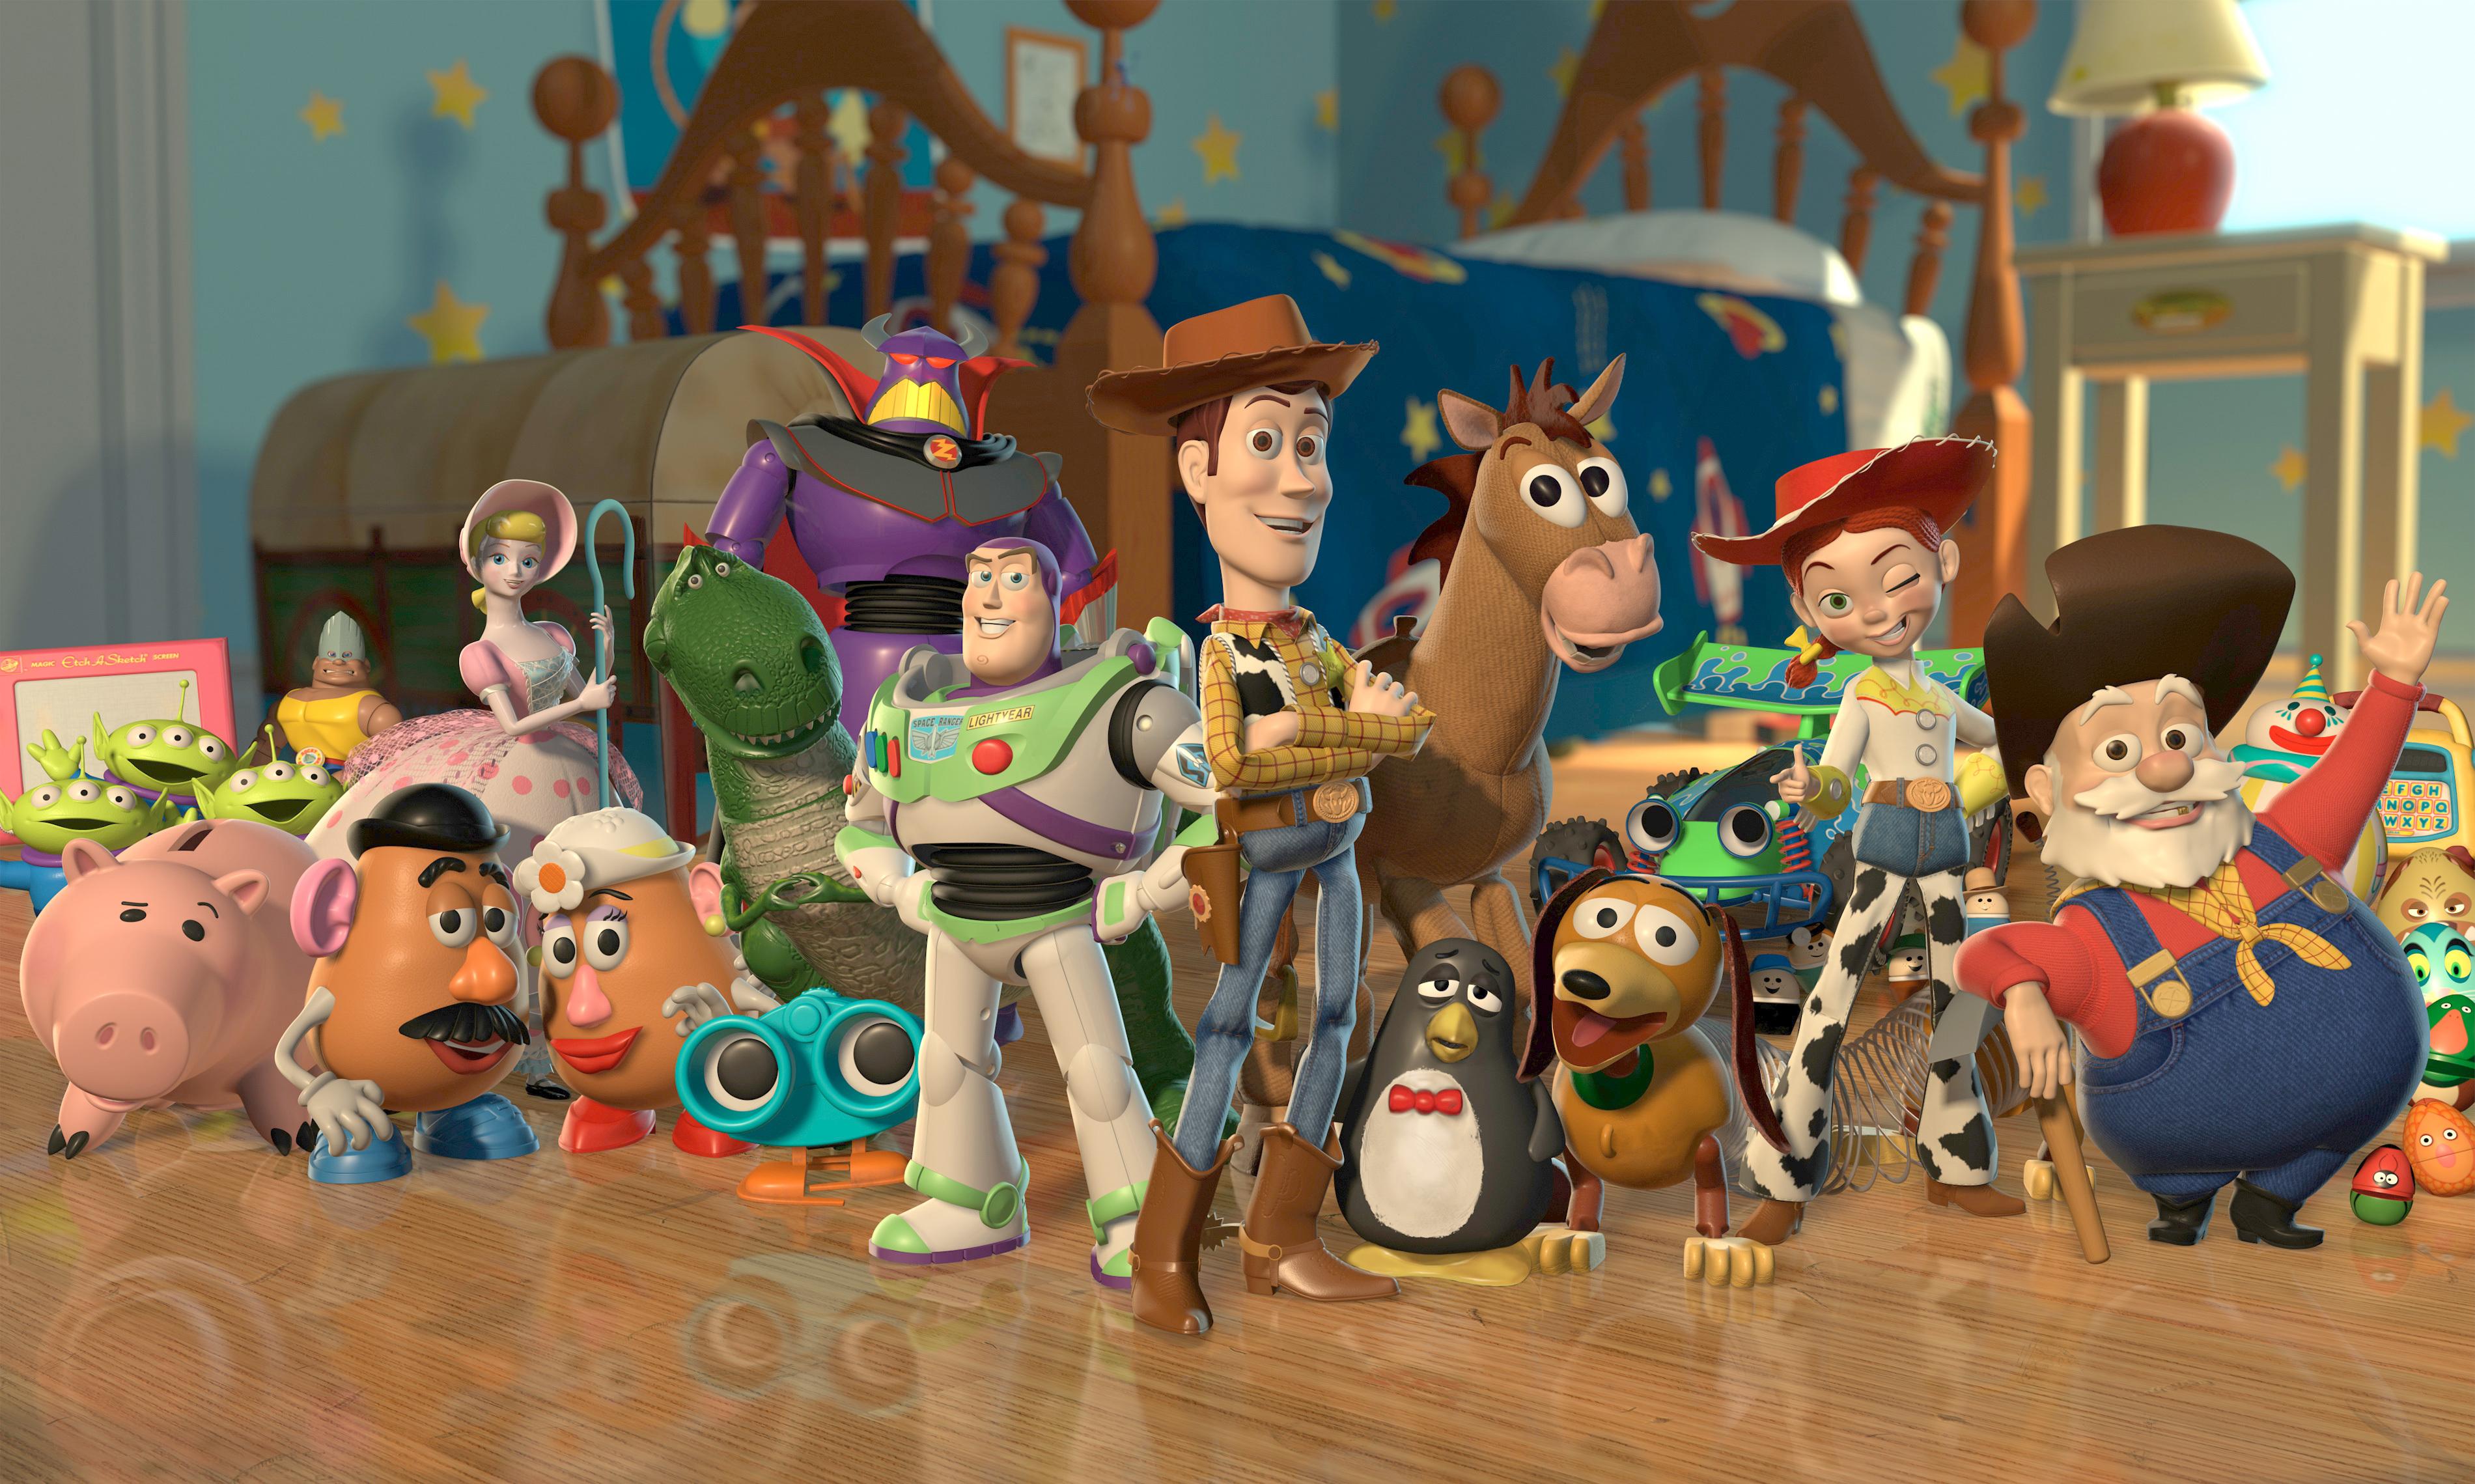 5 Welten in Kingdom Hearts 3 wir uns wünschen – Toy Story GIGA